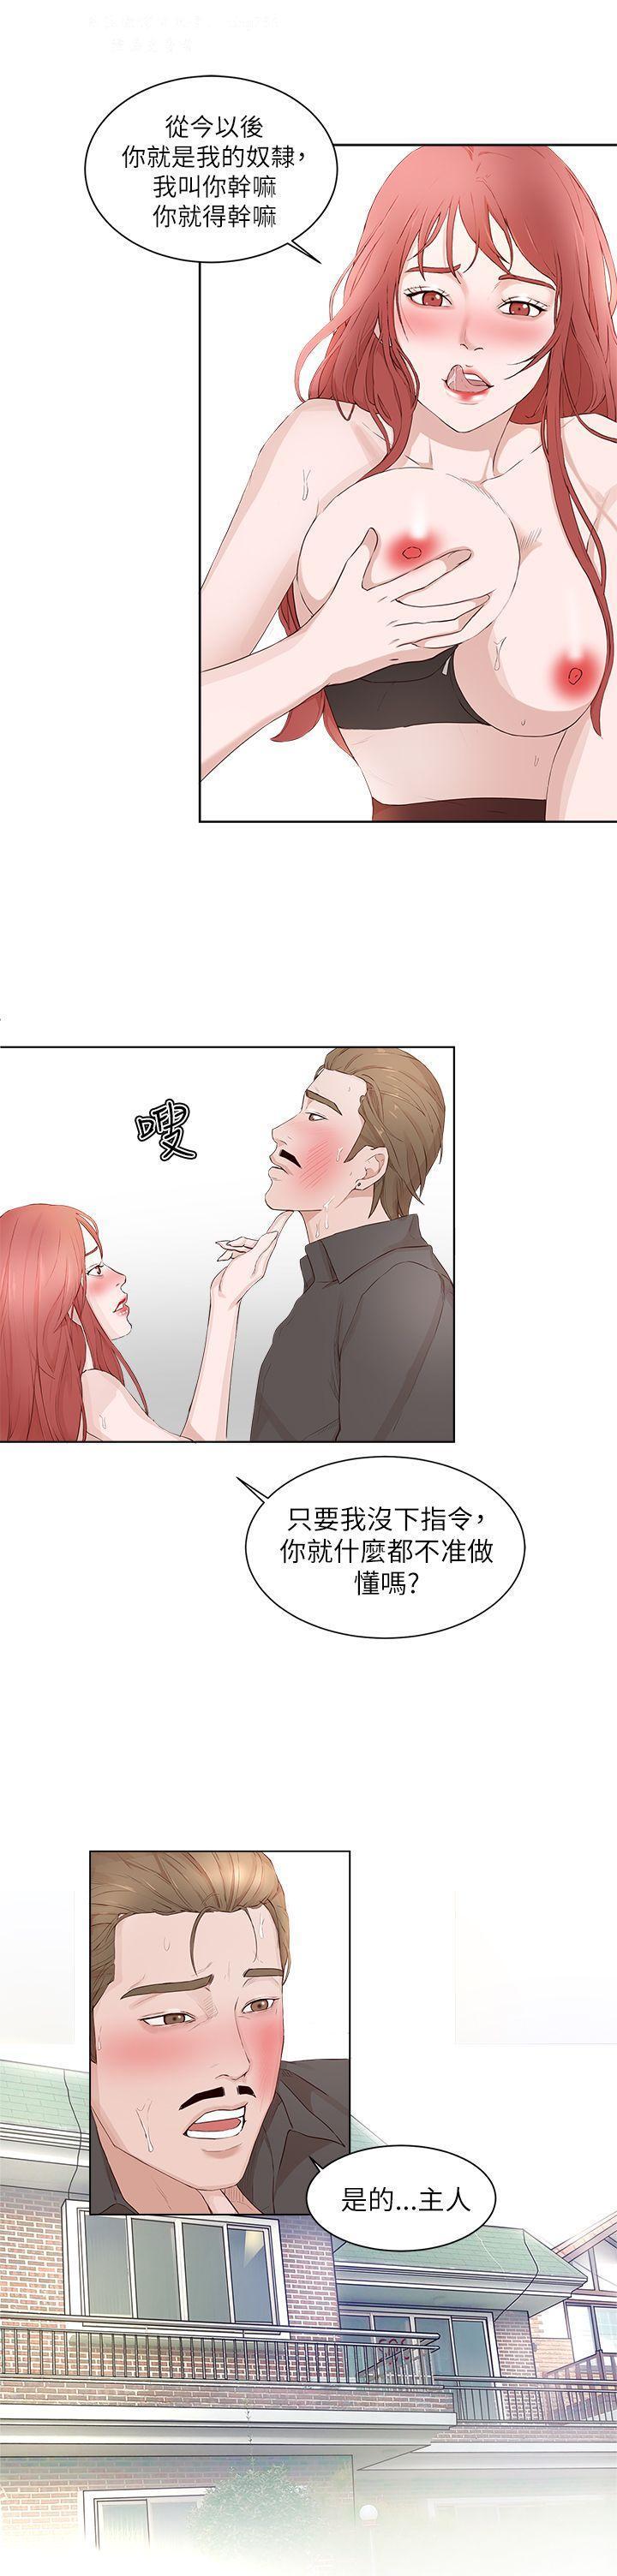 私生,爱到疯狂 完结 621